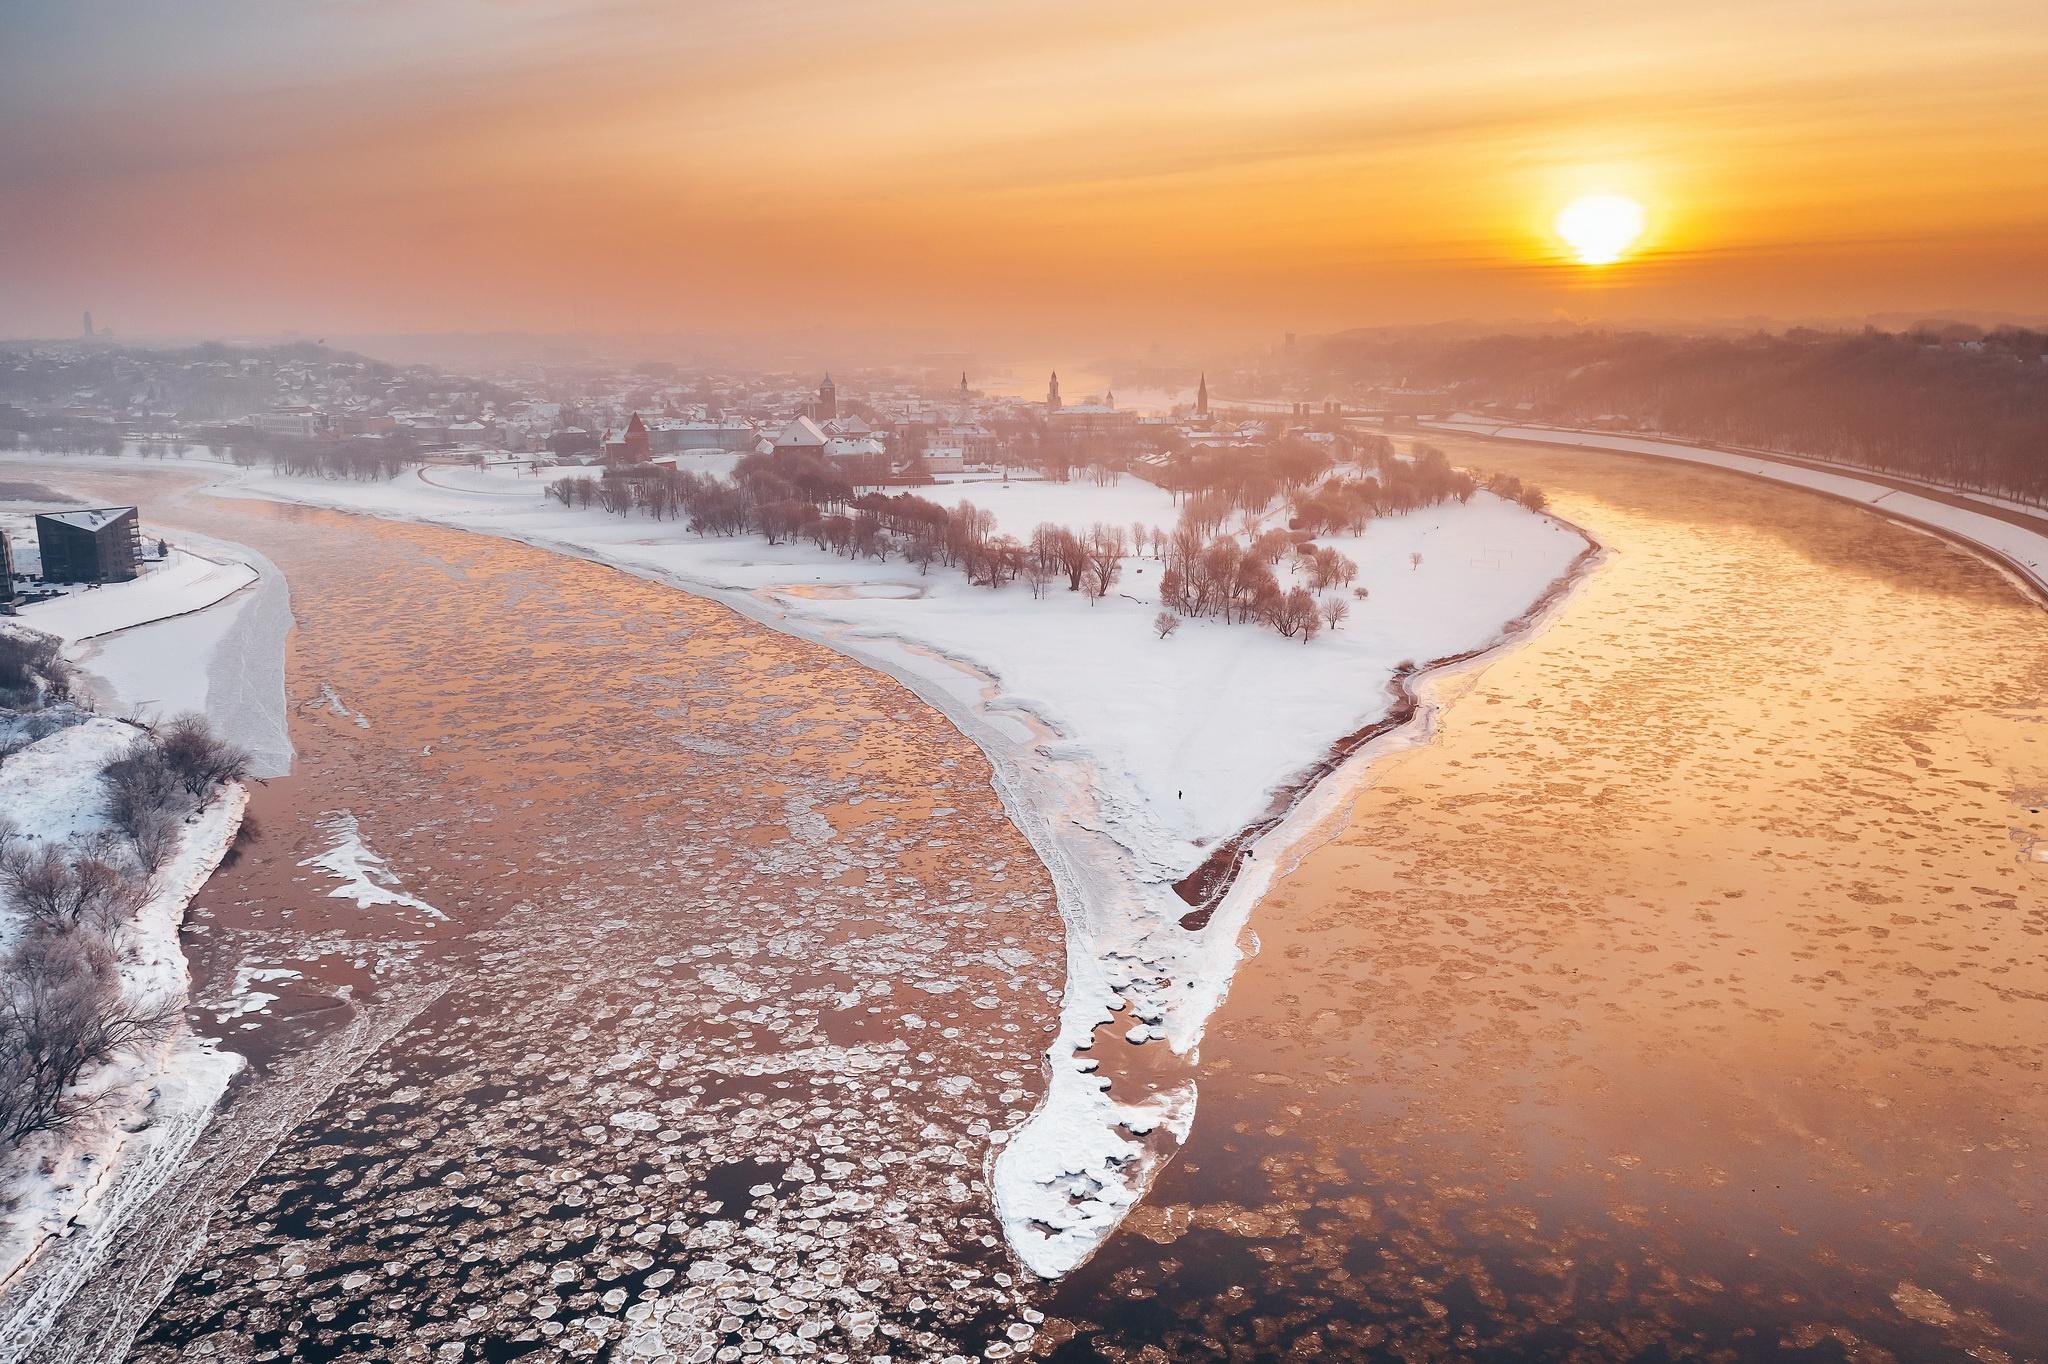 kaunas river city winter snow sunlight 1574939385 - Kaunas River City Winter Snow Sunlight -